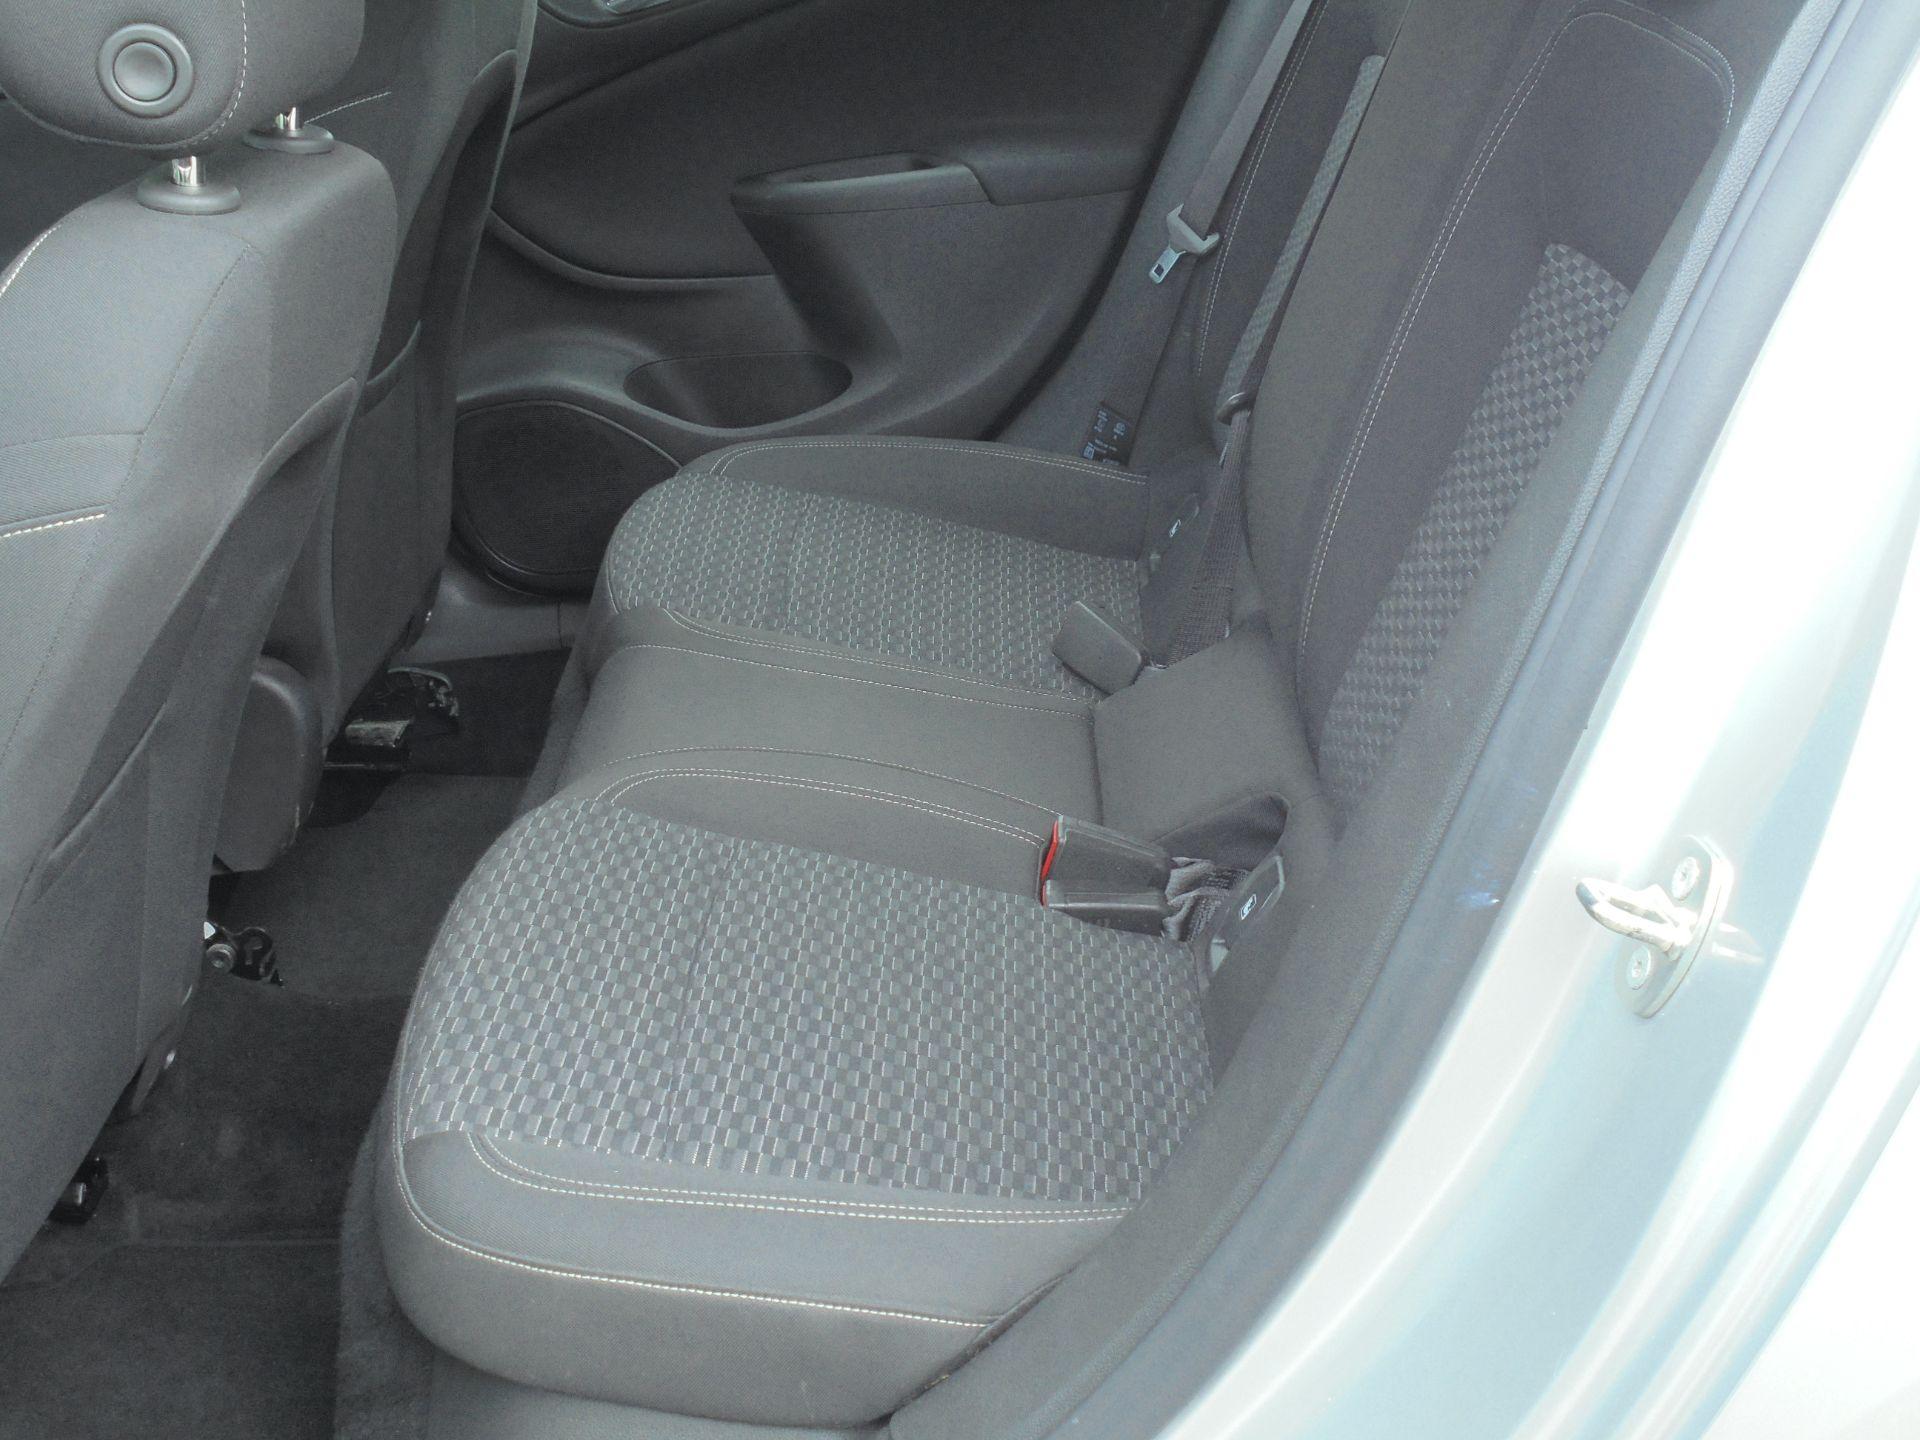 2018 Vauxhall Astra 1.6 Cdti 16V Ecoflex Sri Nav 5Dr (VE18TXA) Image 6